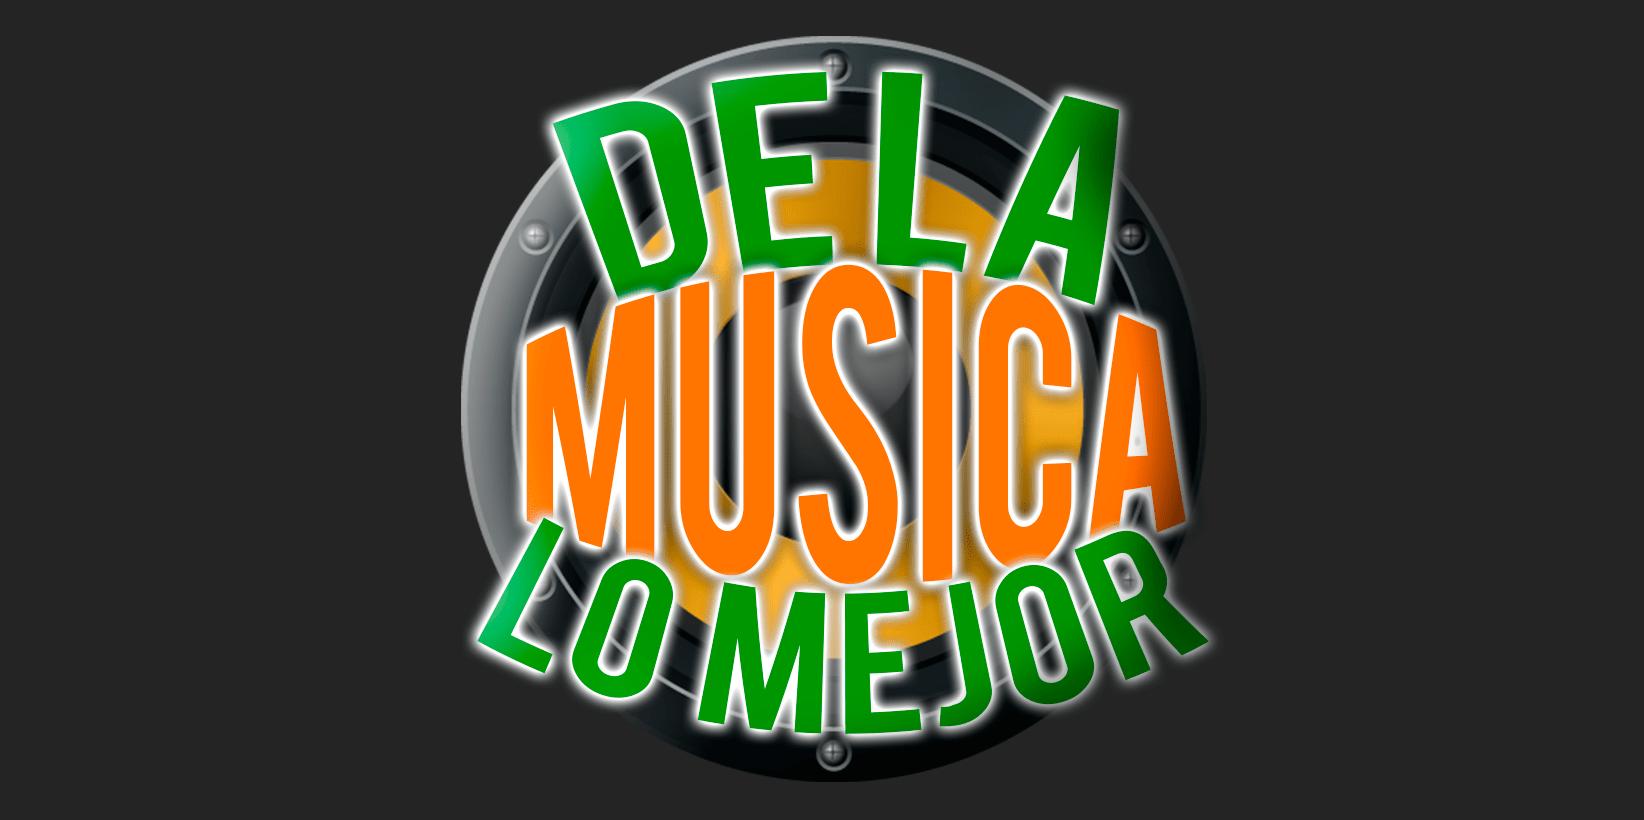 De La Musica lo Mejor